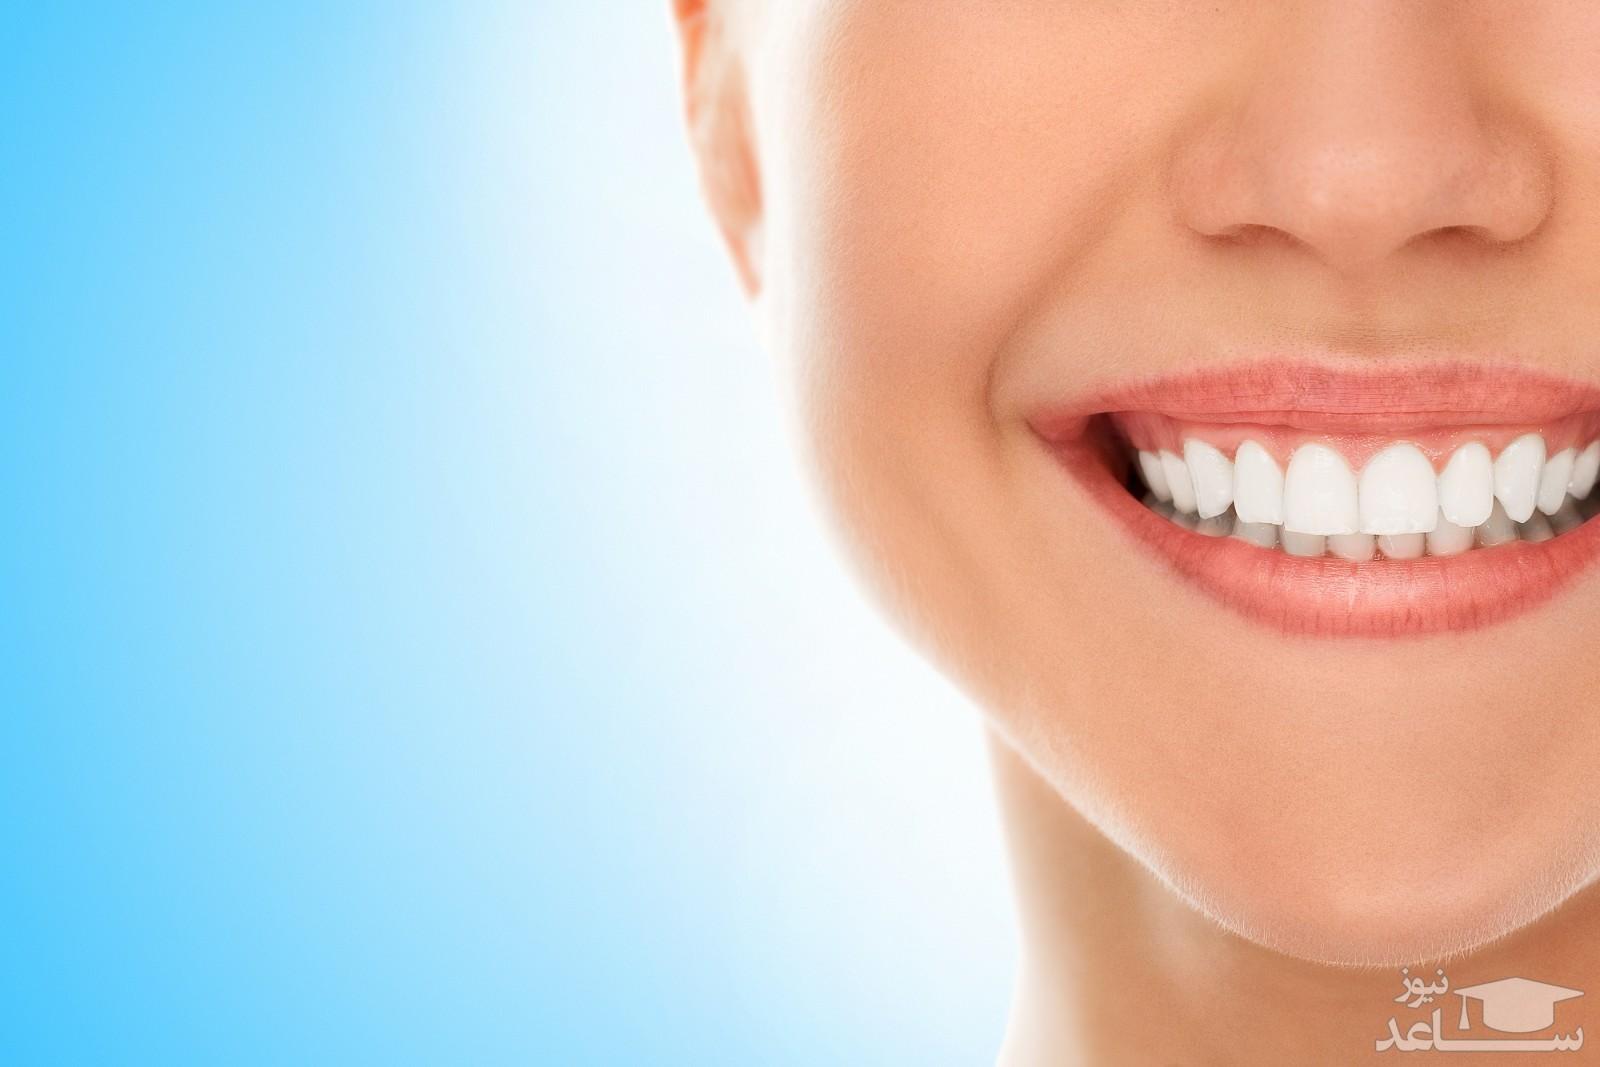 توصیه هایی برای مراقبت از دندان ها